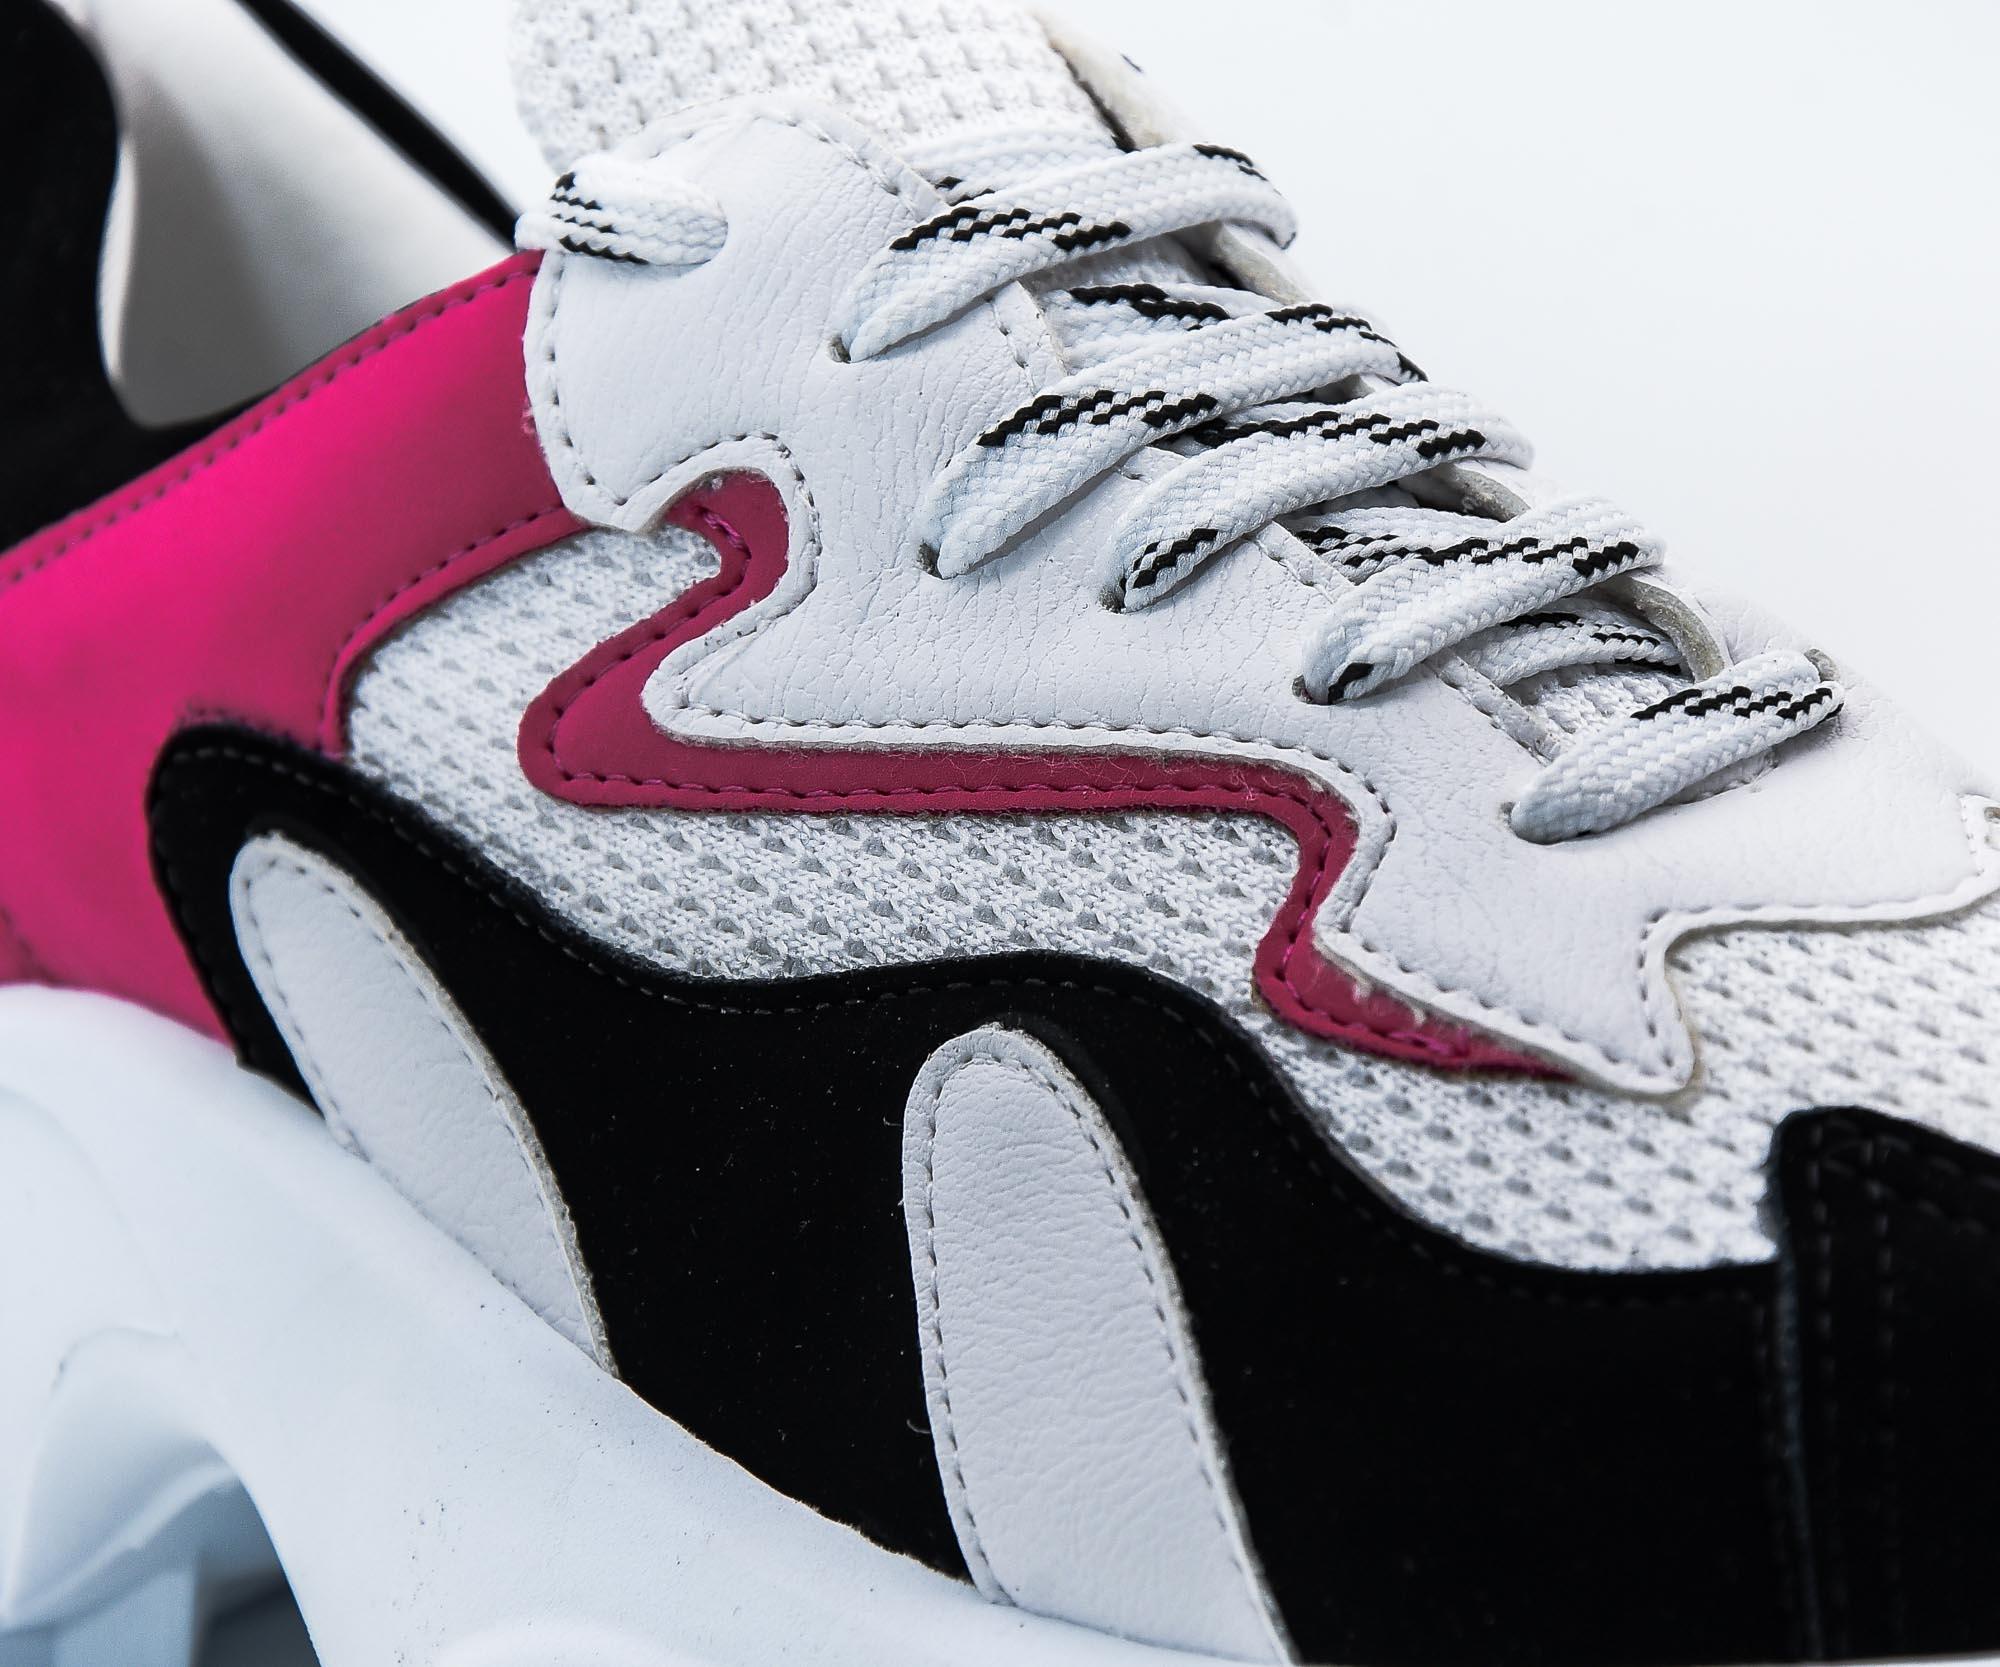 Tênis chunky pink e preto Bendito Sapato